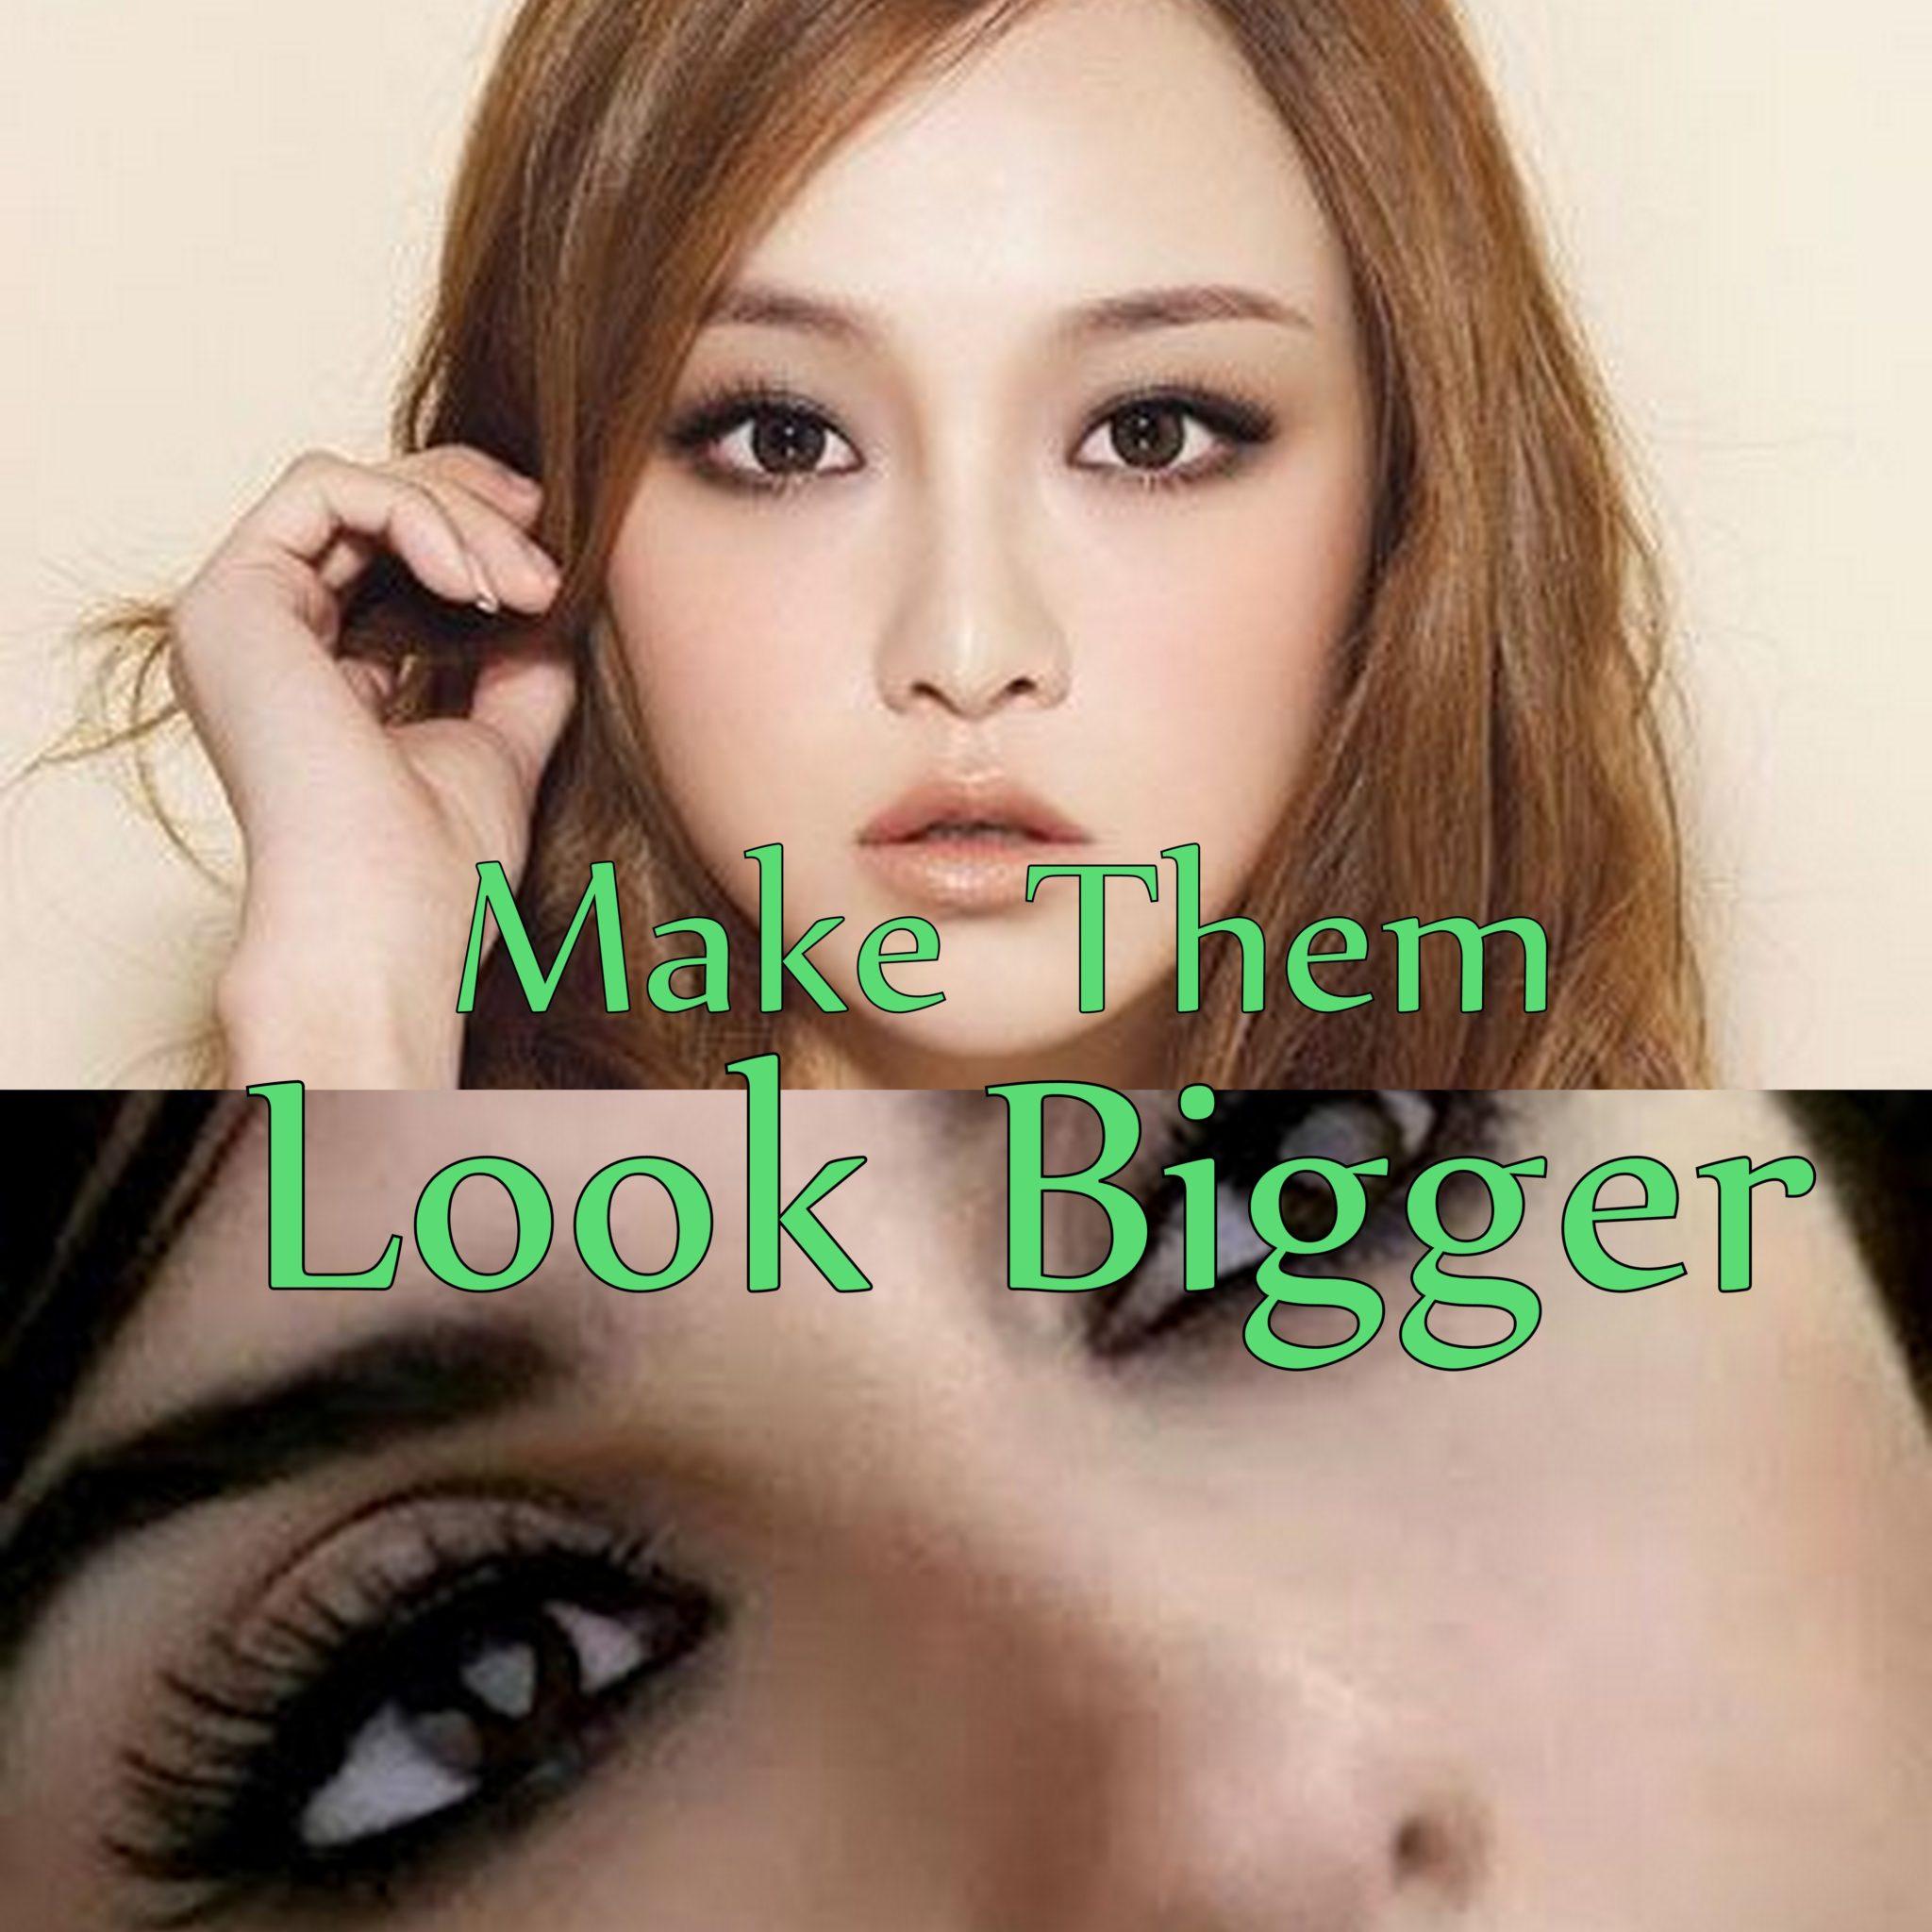 Eye Makeup To Make Eyes Look Bigger - Mugeek Vidalondon